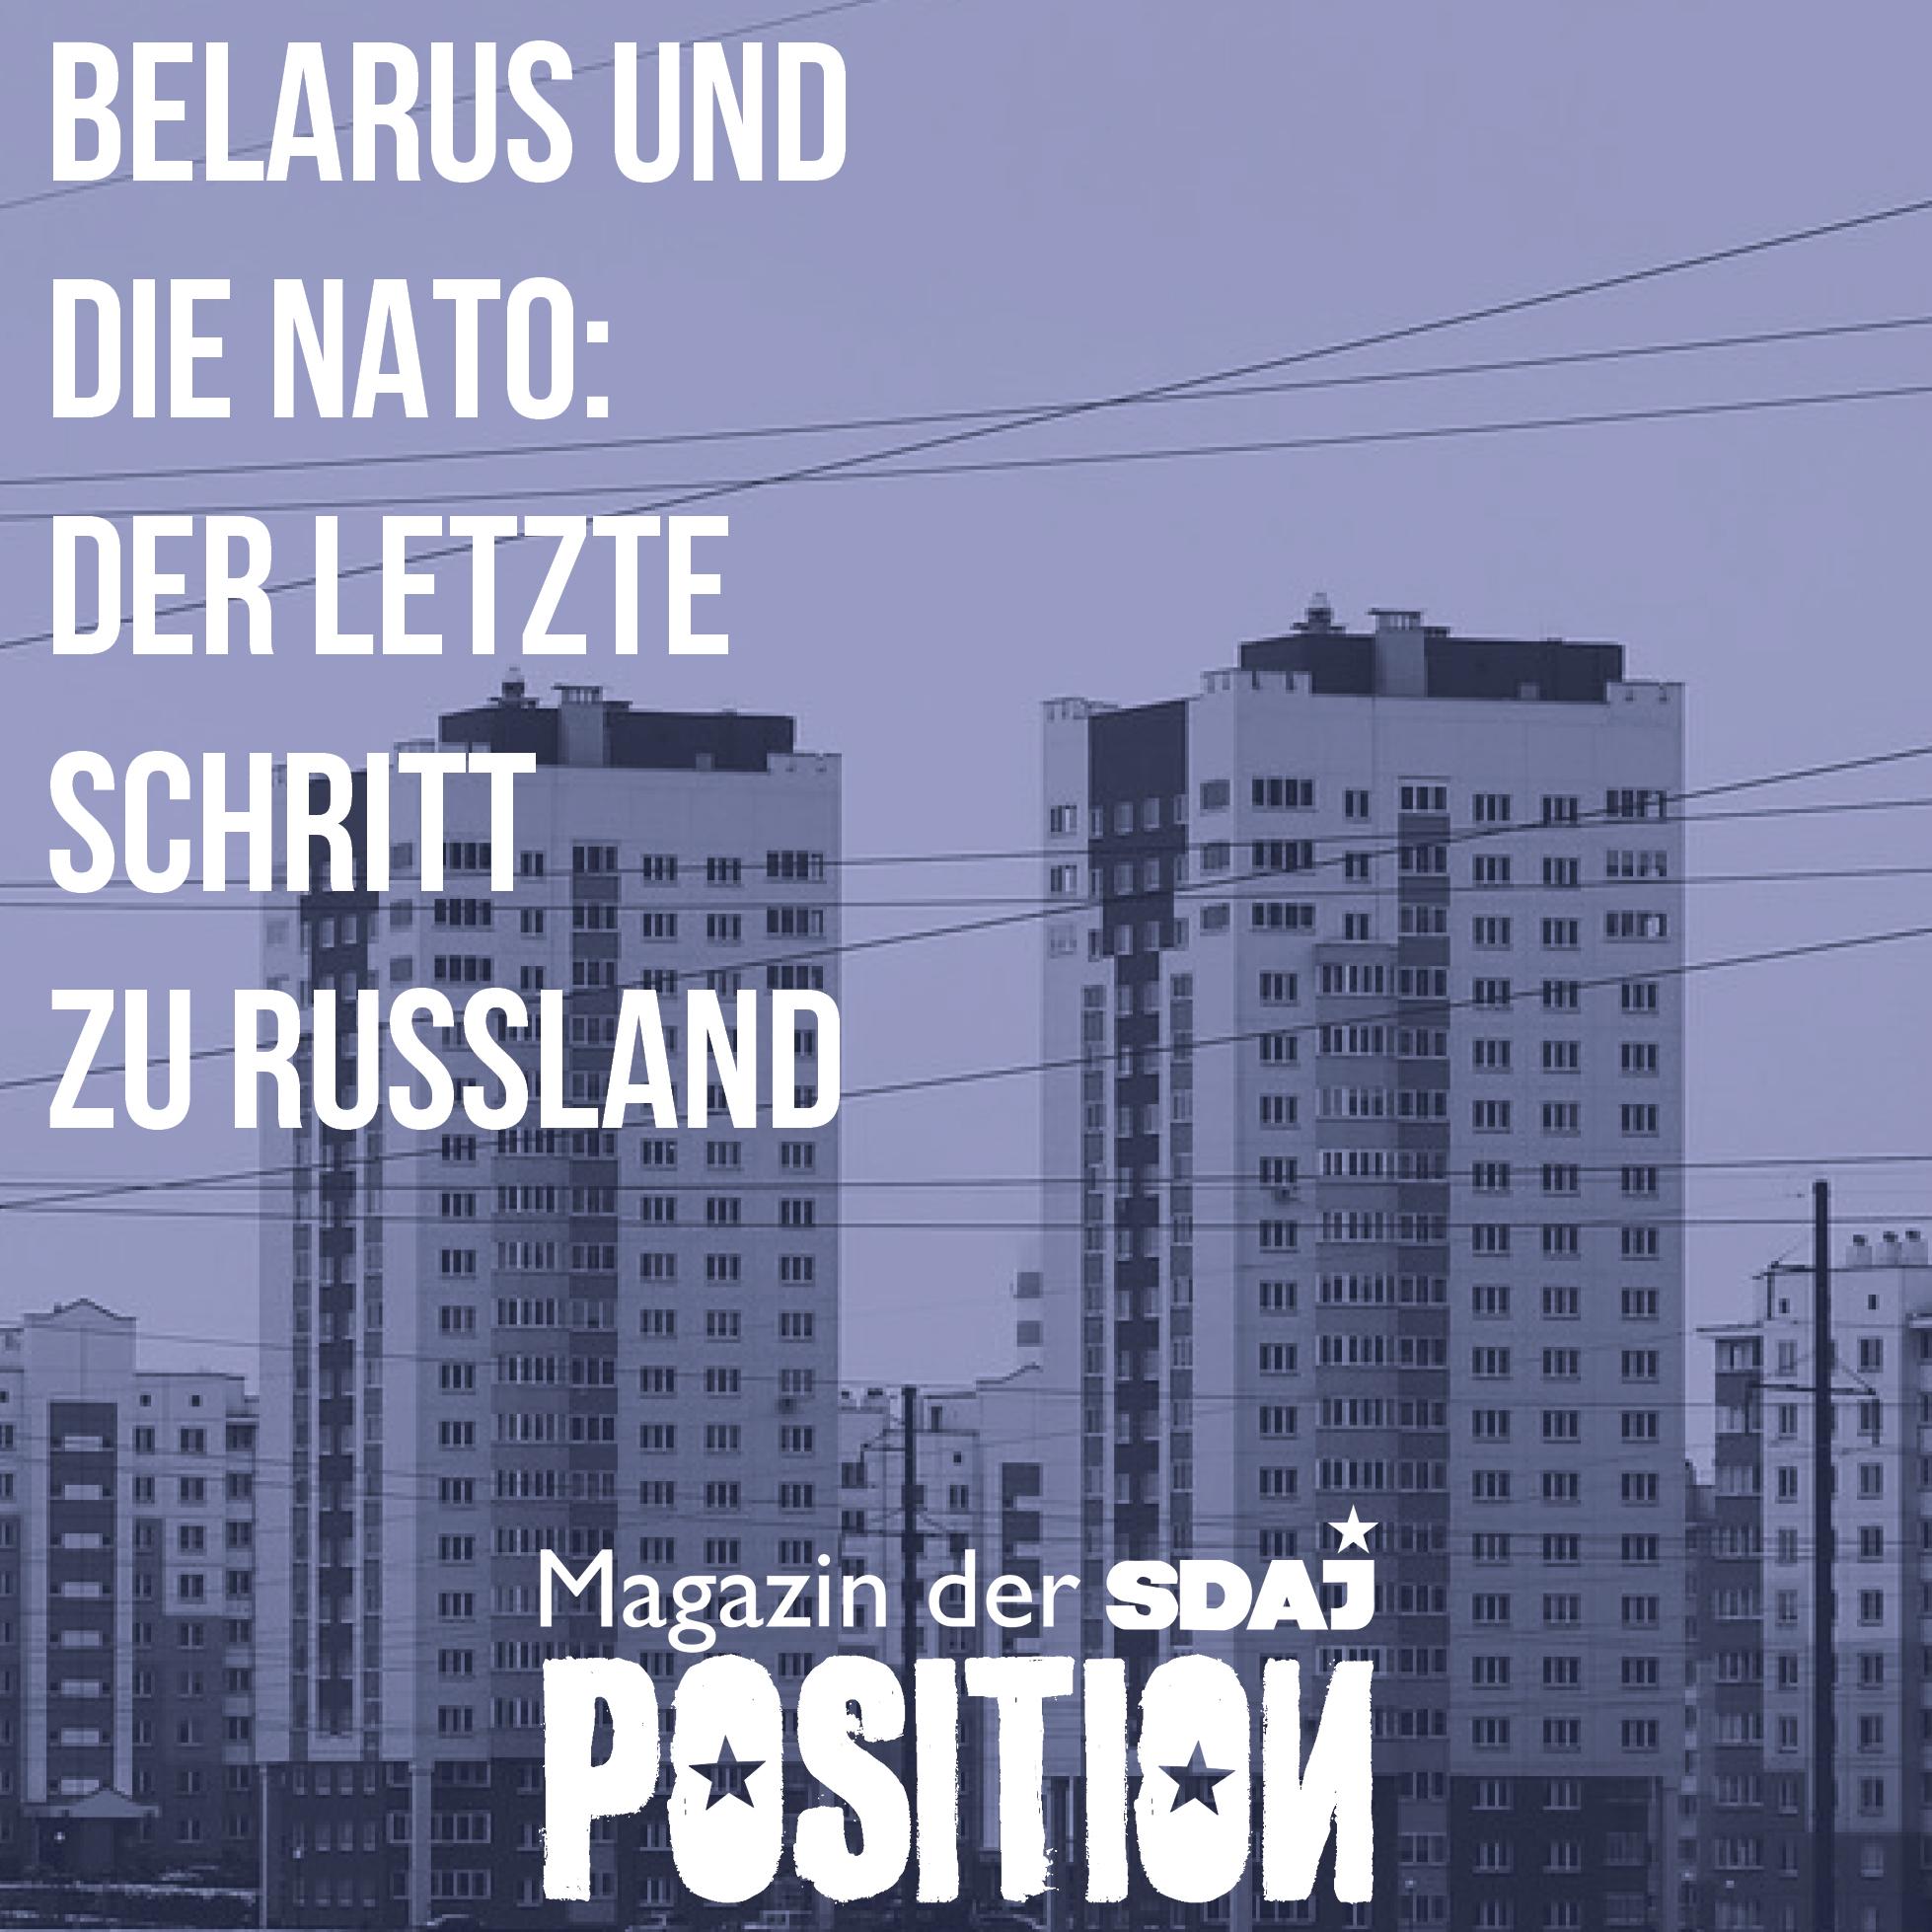 Belarus und die NATO